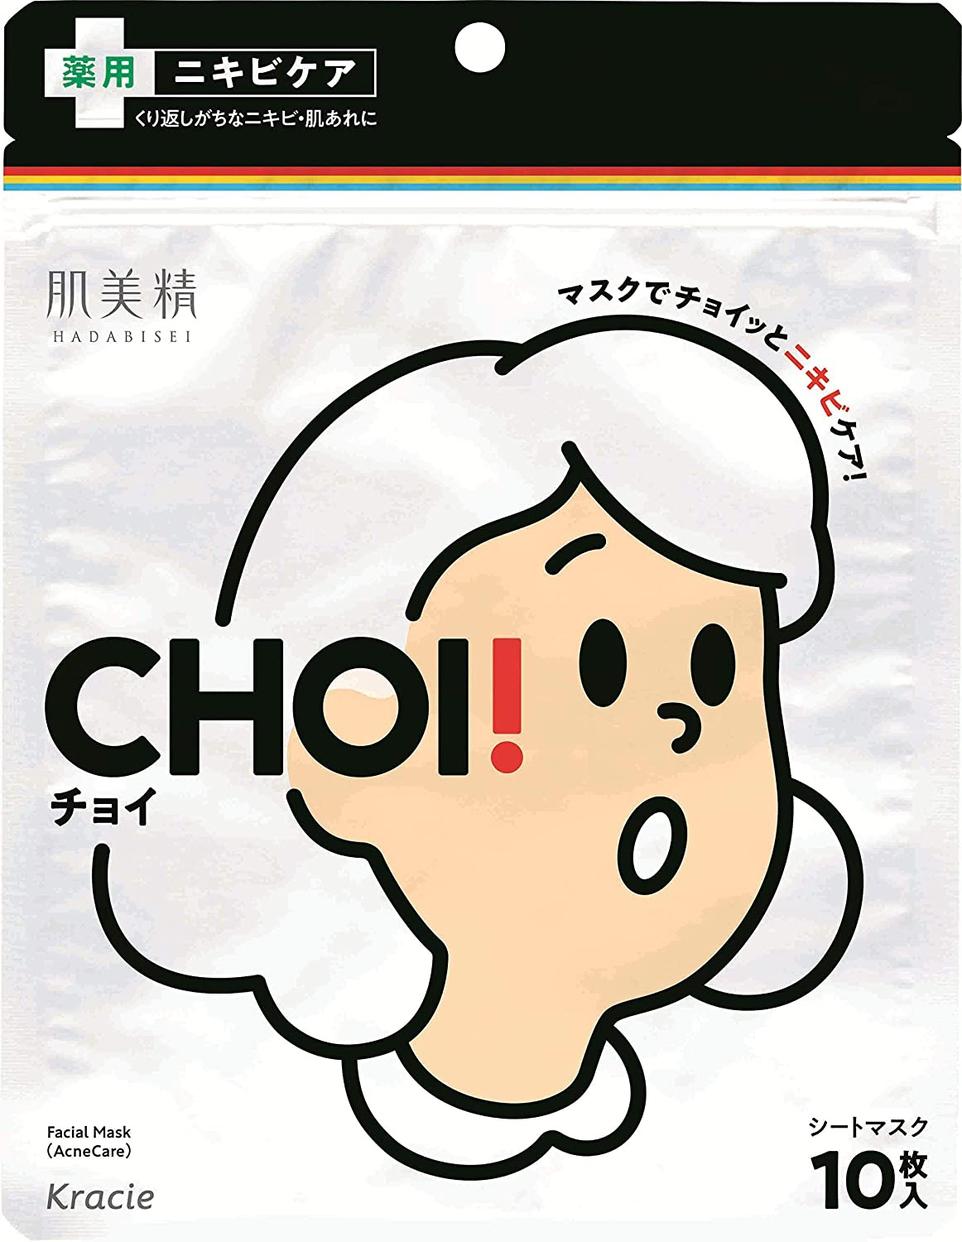 肌美精(HADABISEI) CHOIマスク 薬用ニキビケア